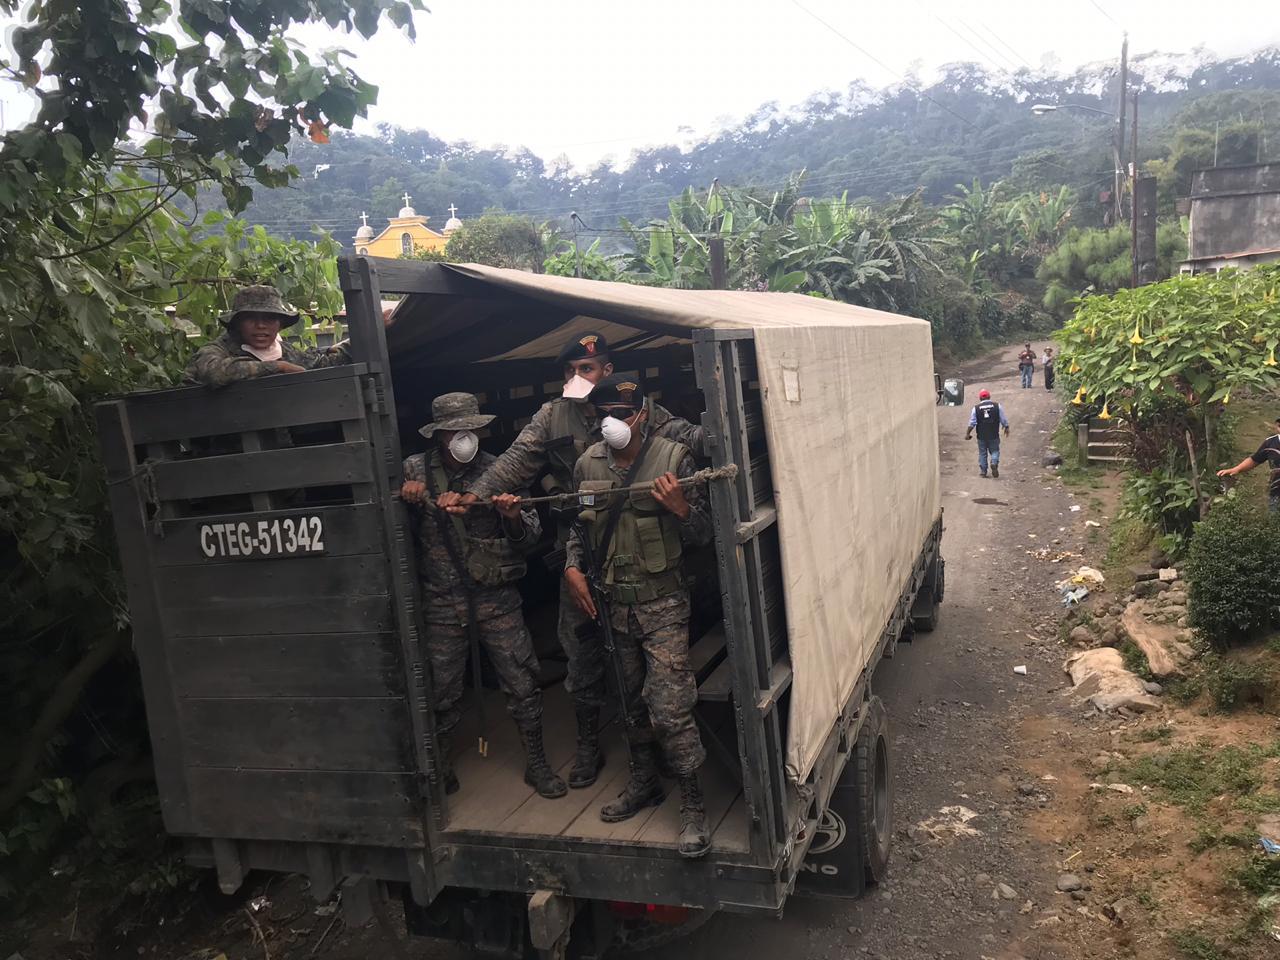 Camiones del ejército evacúan el lugar